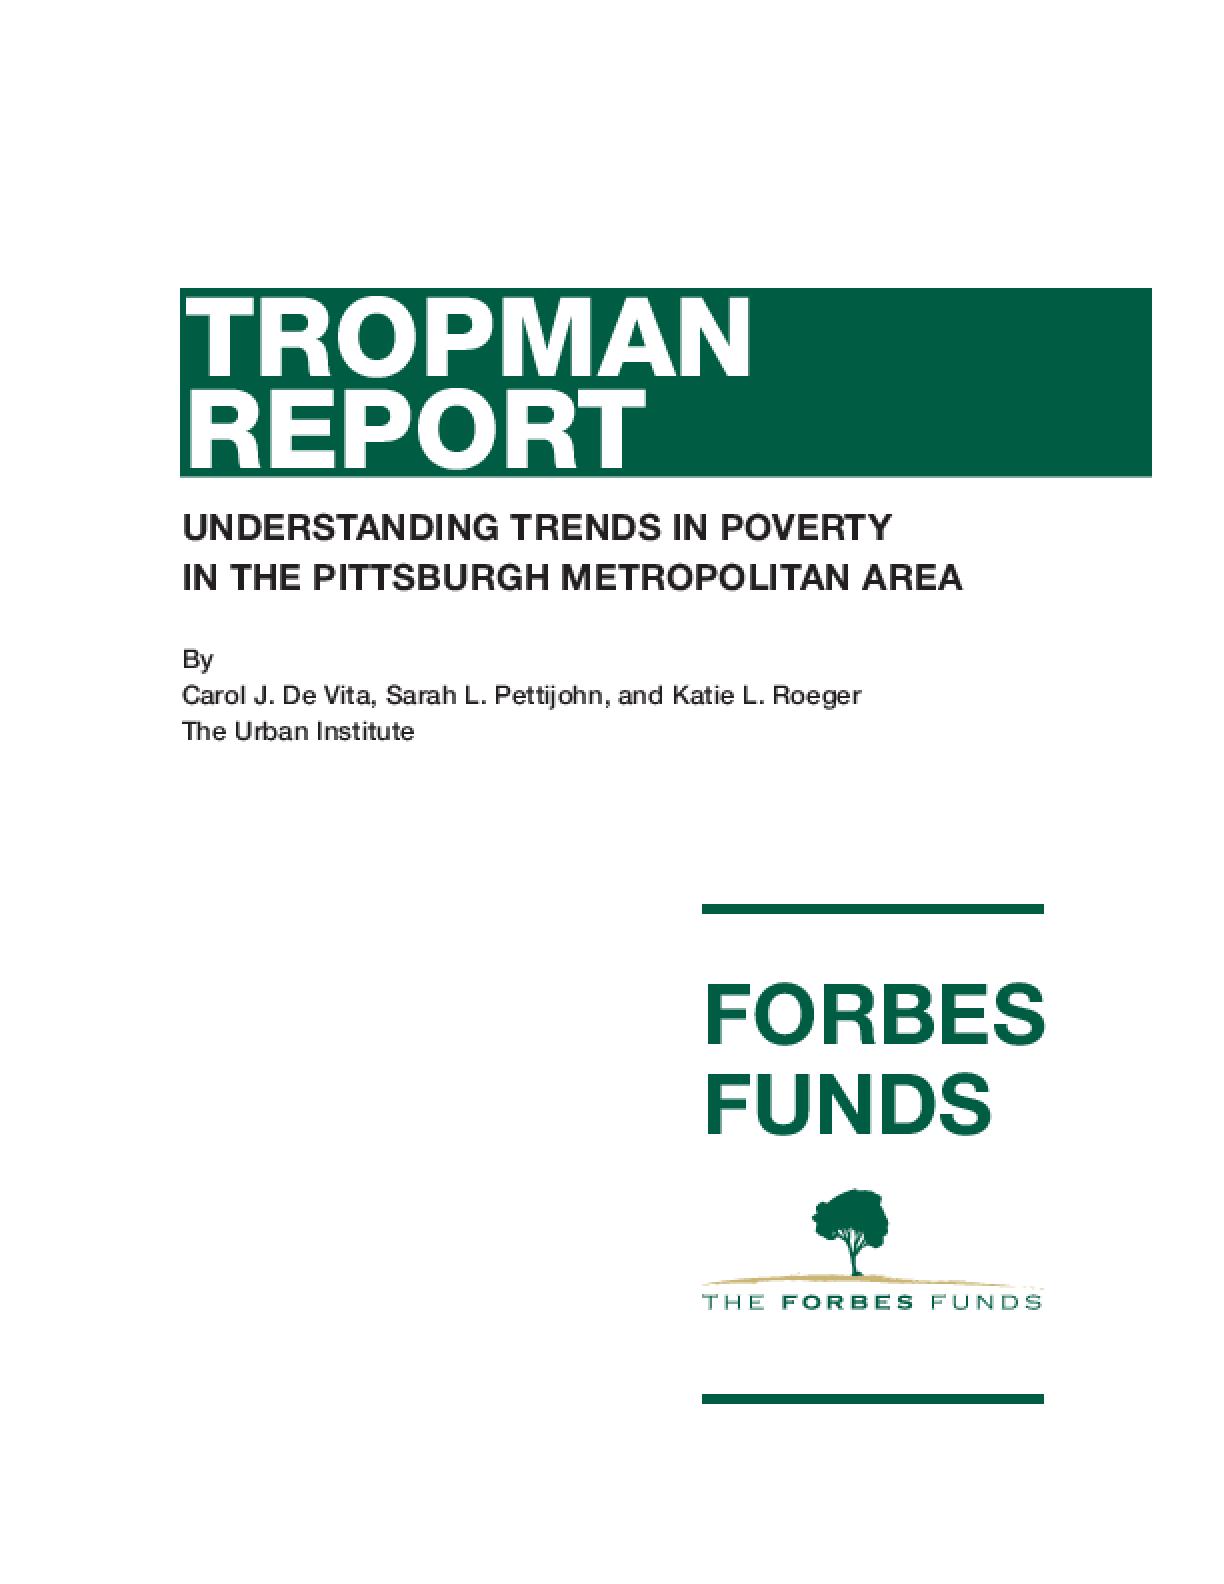 Understanding Trends in Poverty in the Pittsburgh Metropolitan Area